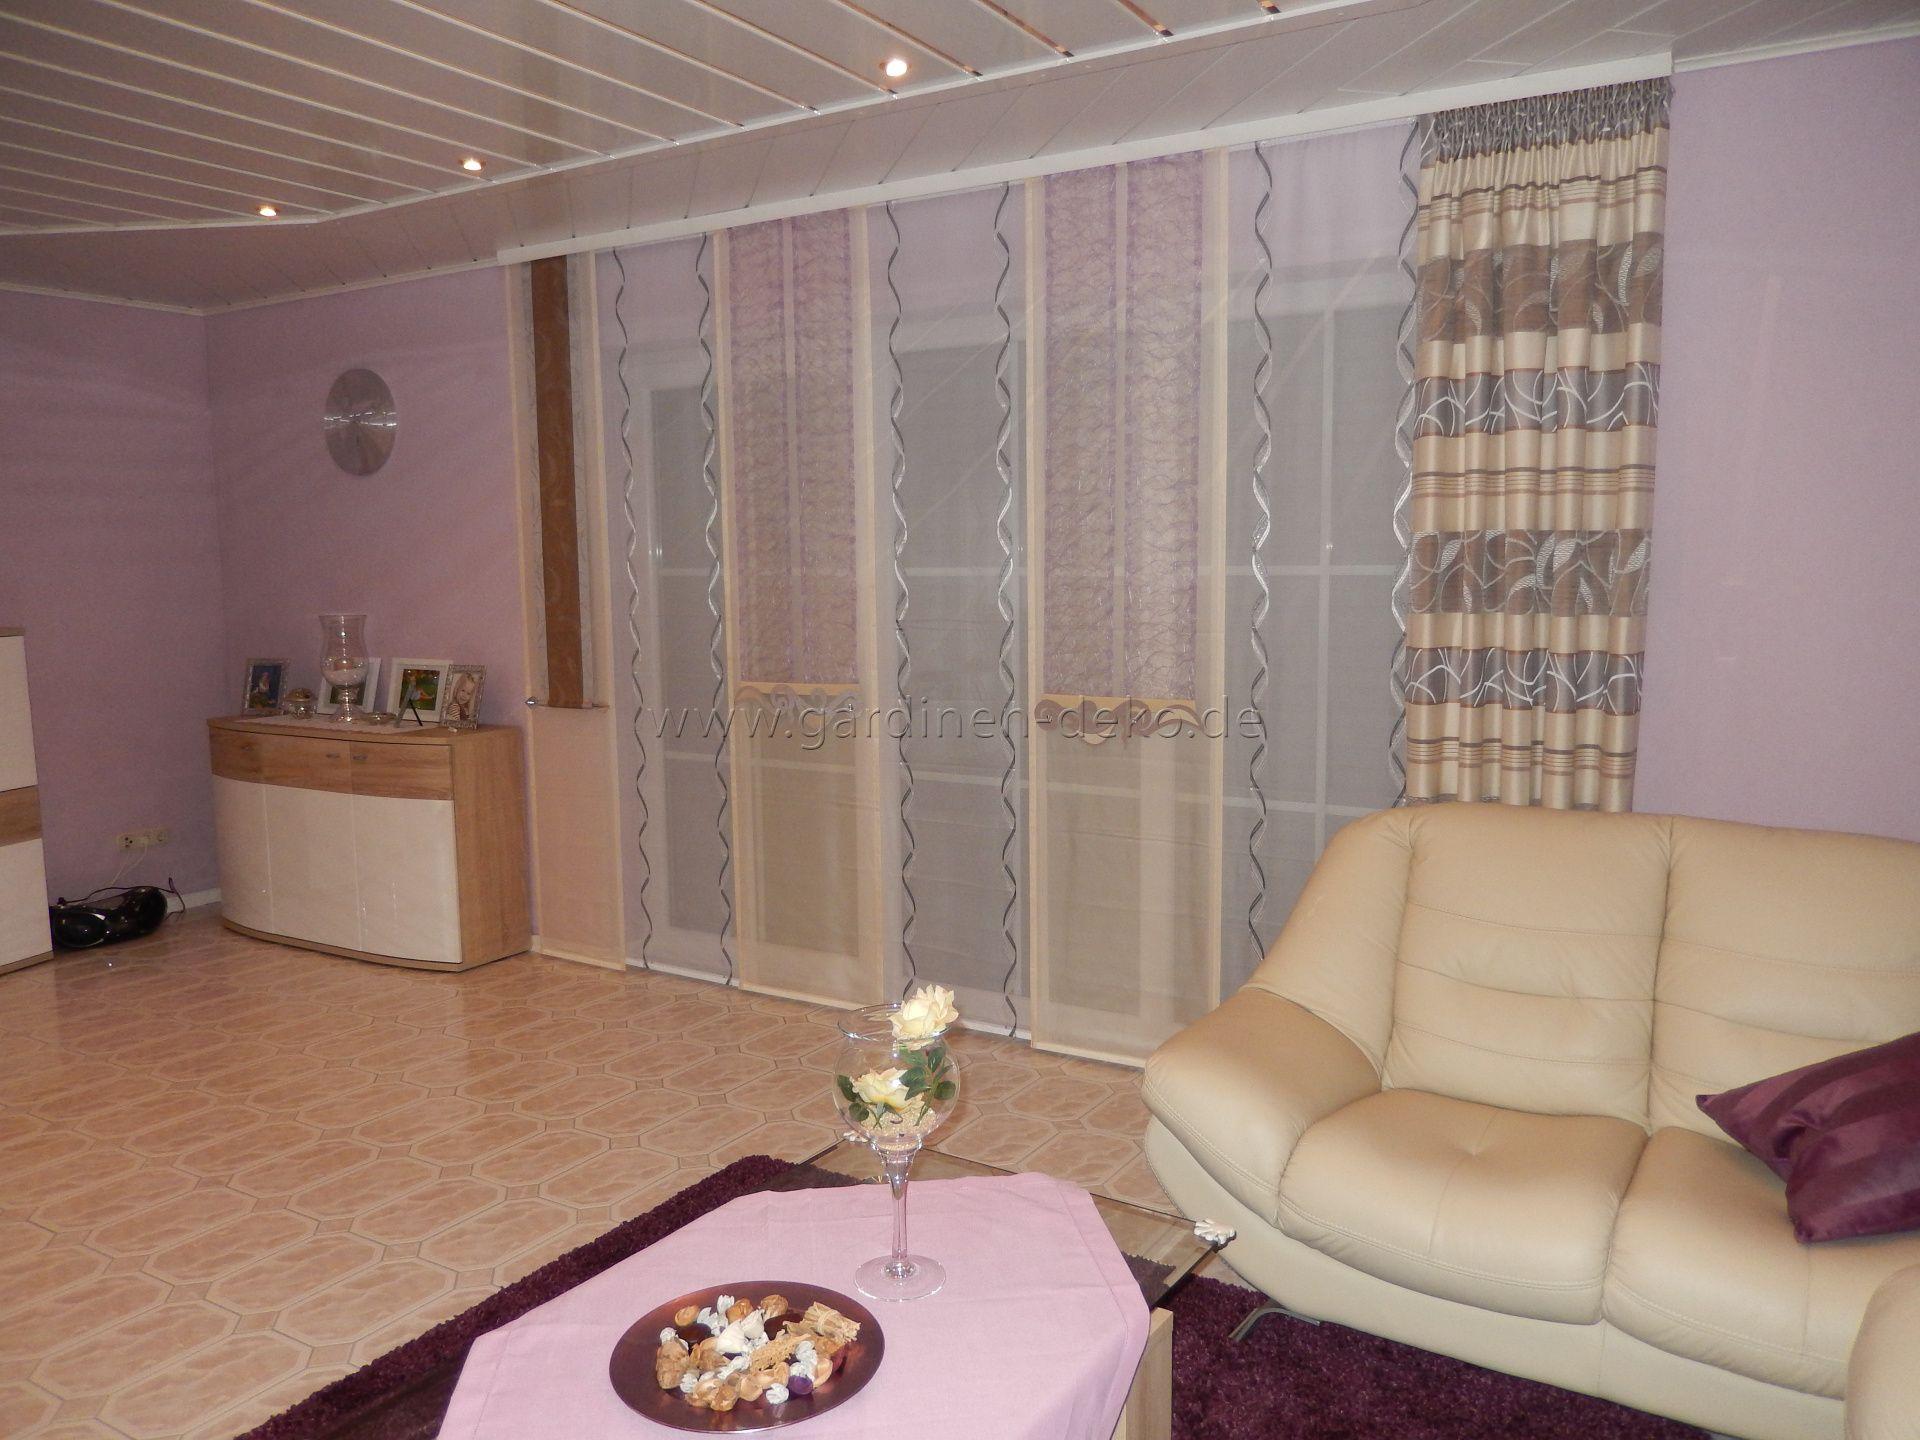 Wohnzimmer vorhänge ~ Wohnzimmer schiebevorhang mit dominanten beigetönen